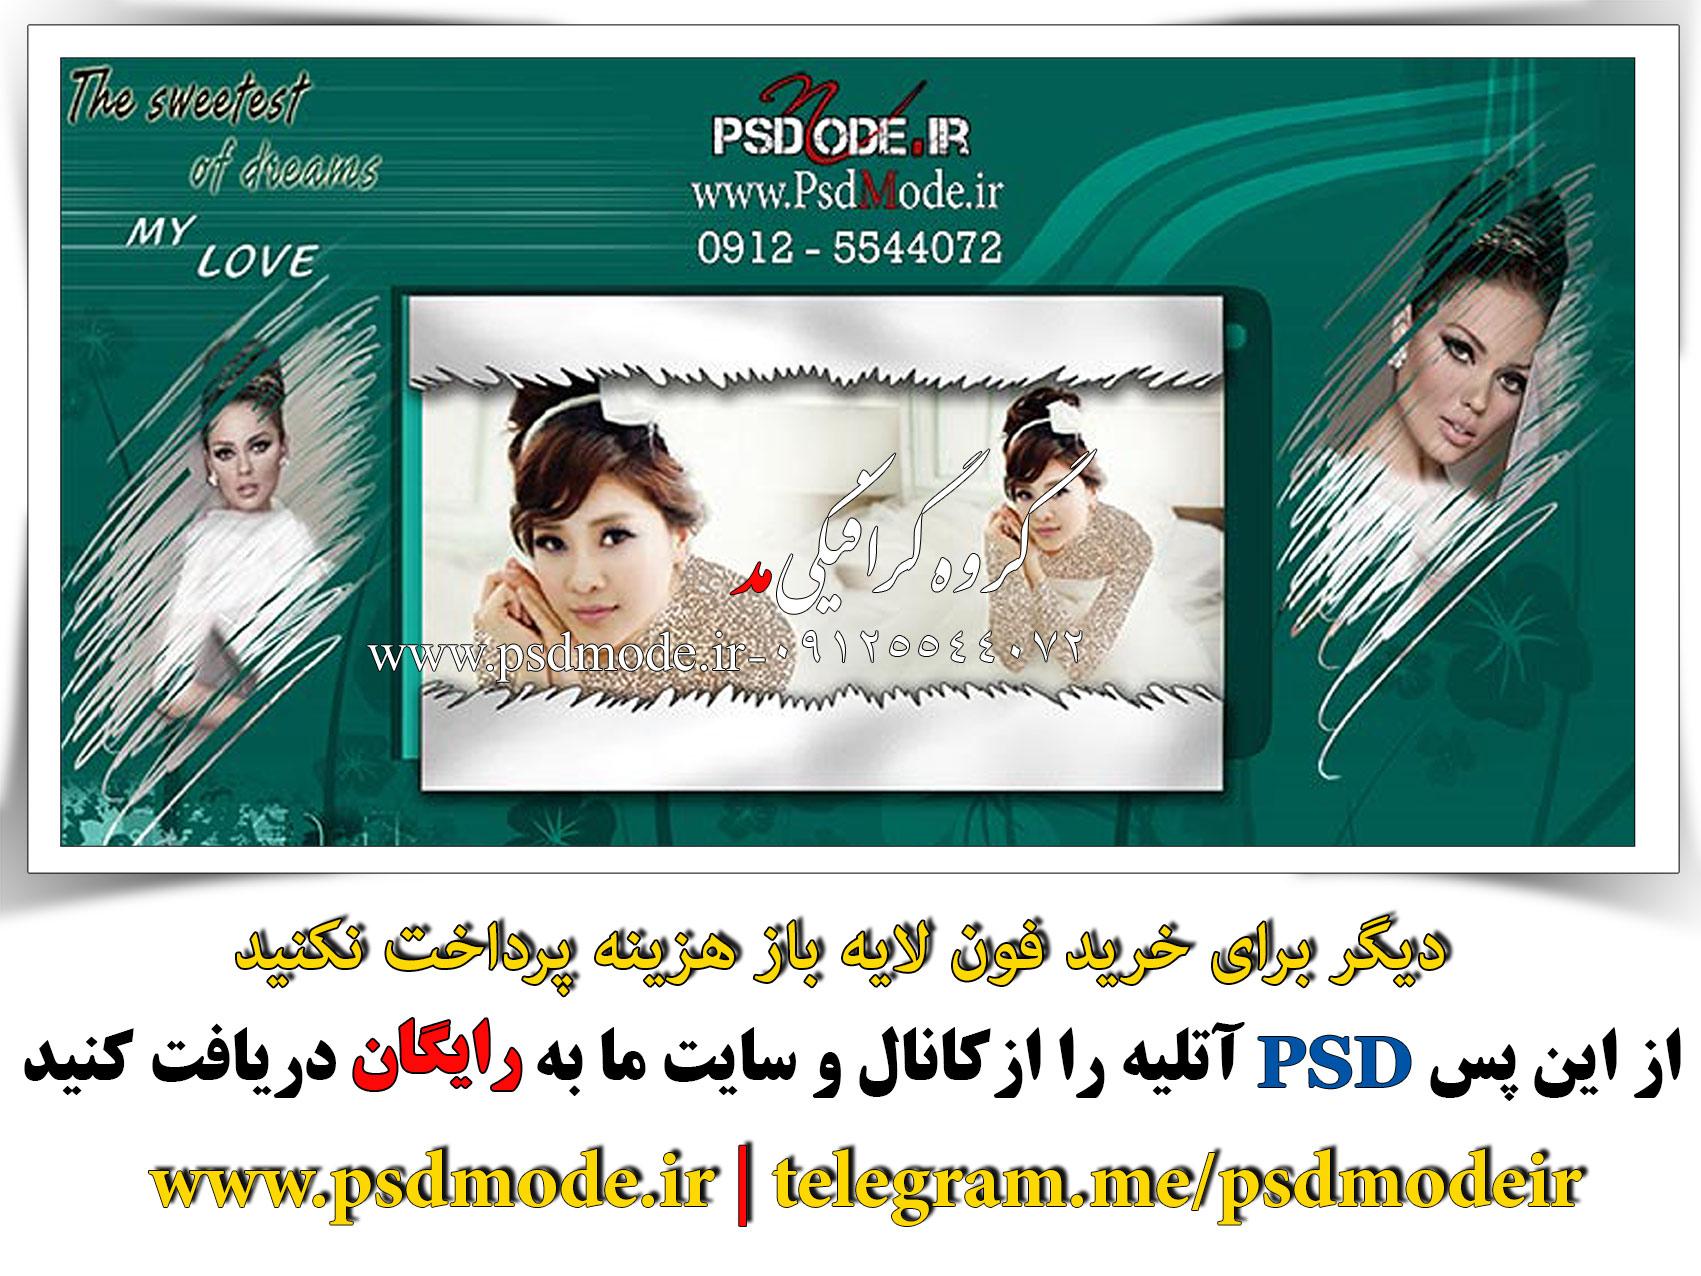 دانلود رایگان فون آلبوم ایتالیایی عروس و داماد